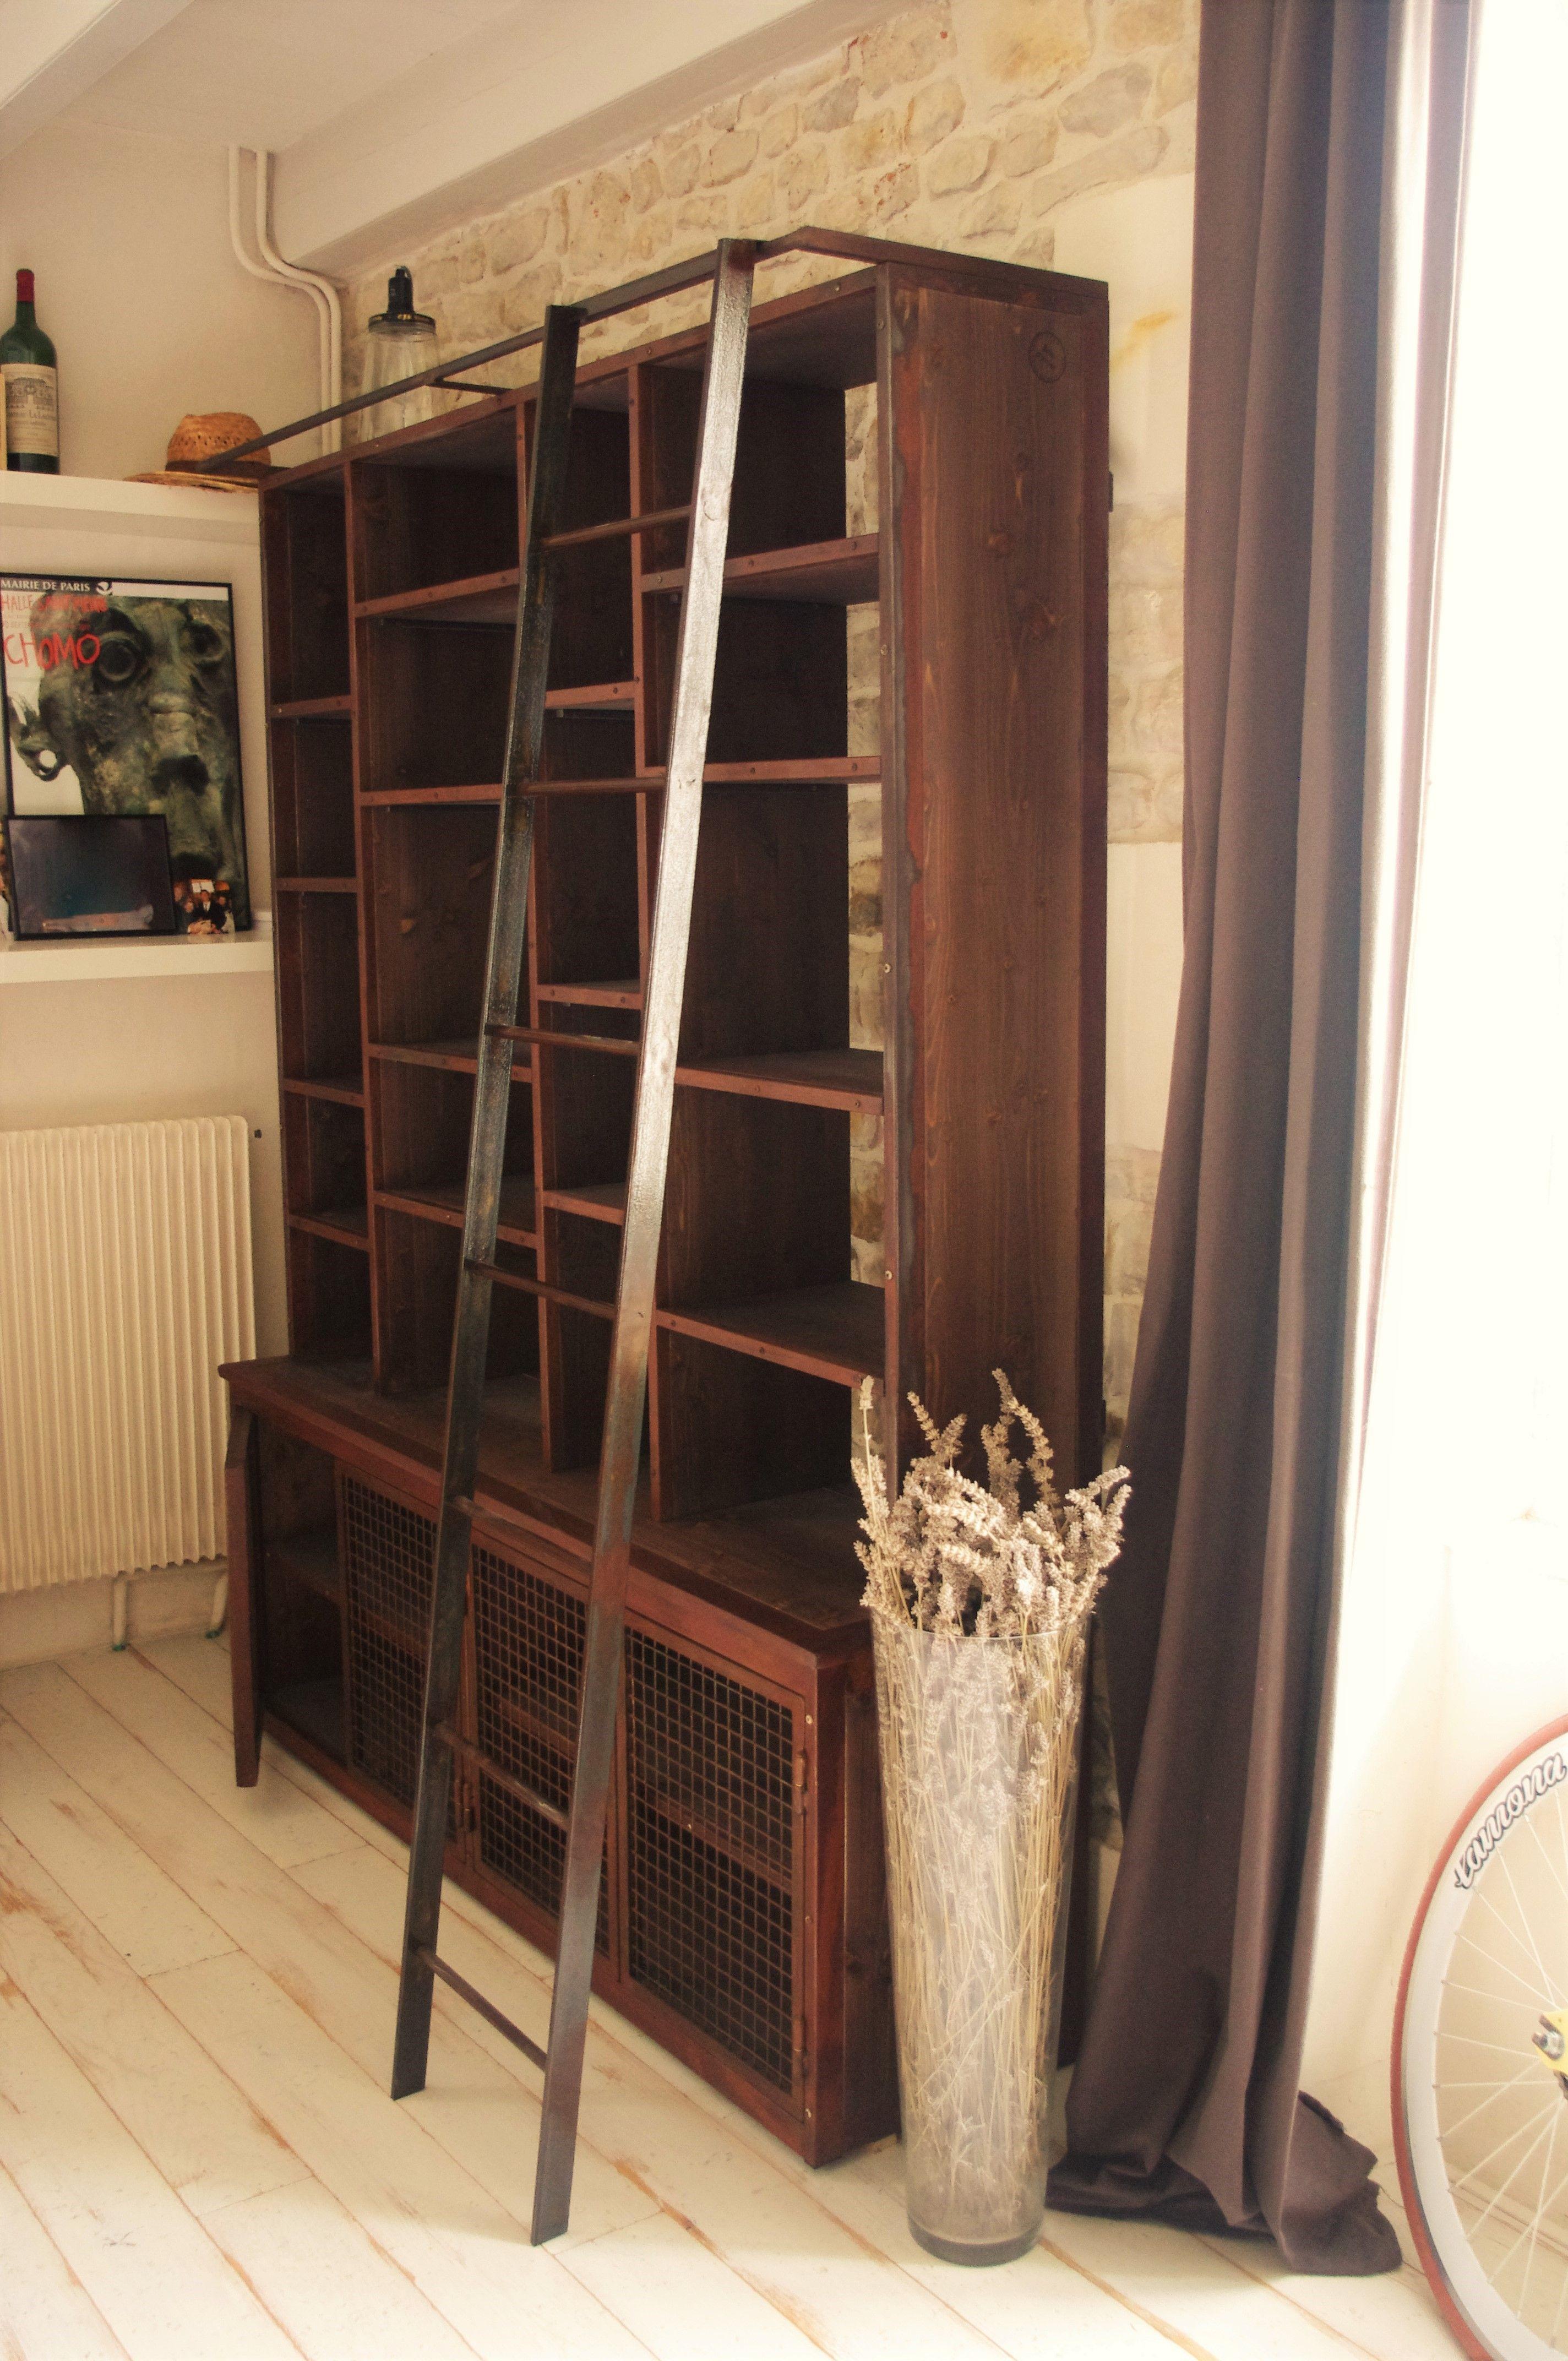 Biblioth que rouill e avec chelle fabrication artisanale sur mesure rouille industriel for Meuble bibliotheque avec echelle